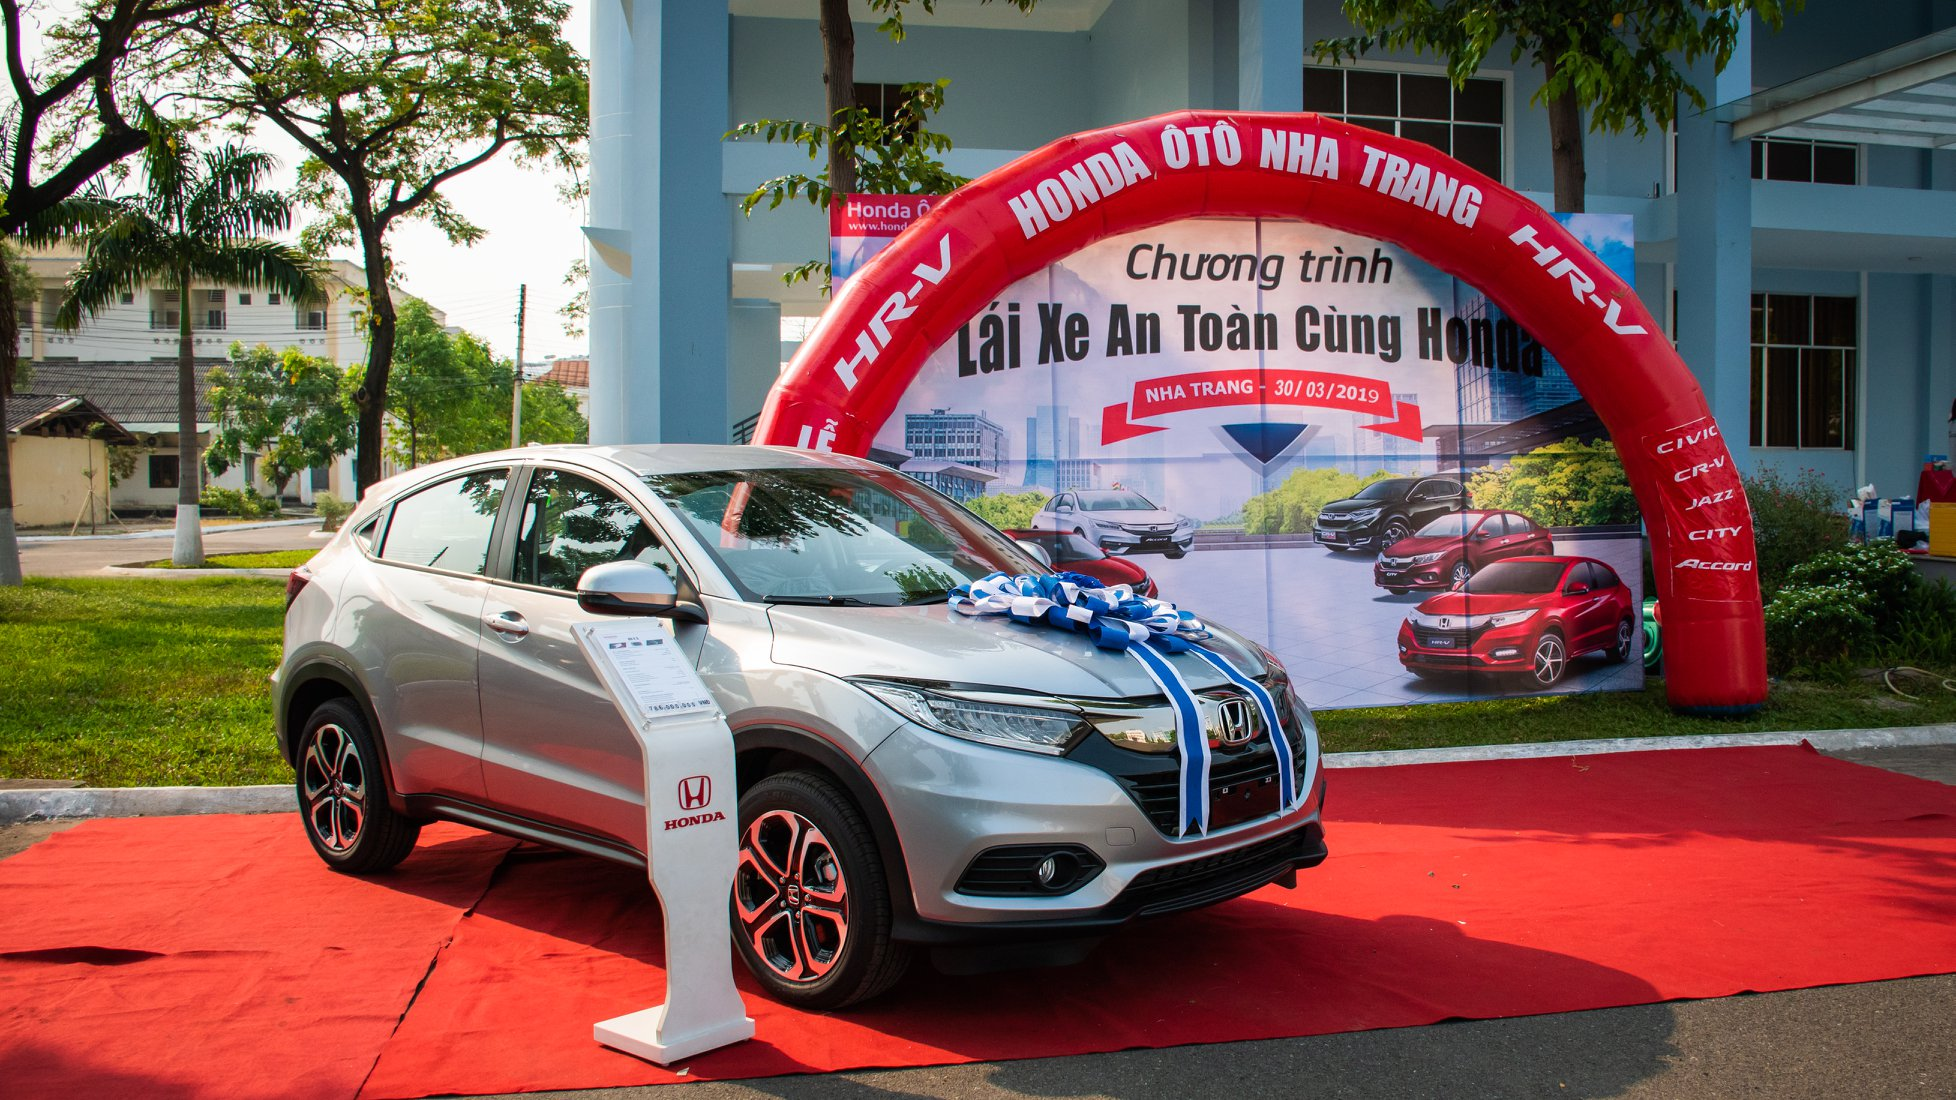 LXAT cùng Honda Ôtô Nha Trang